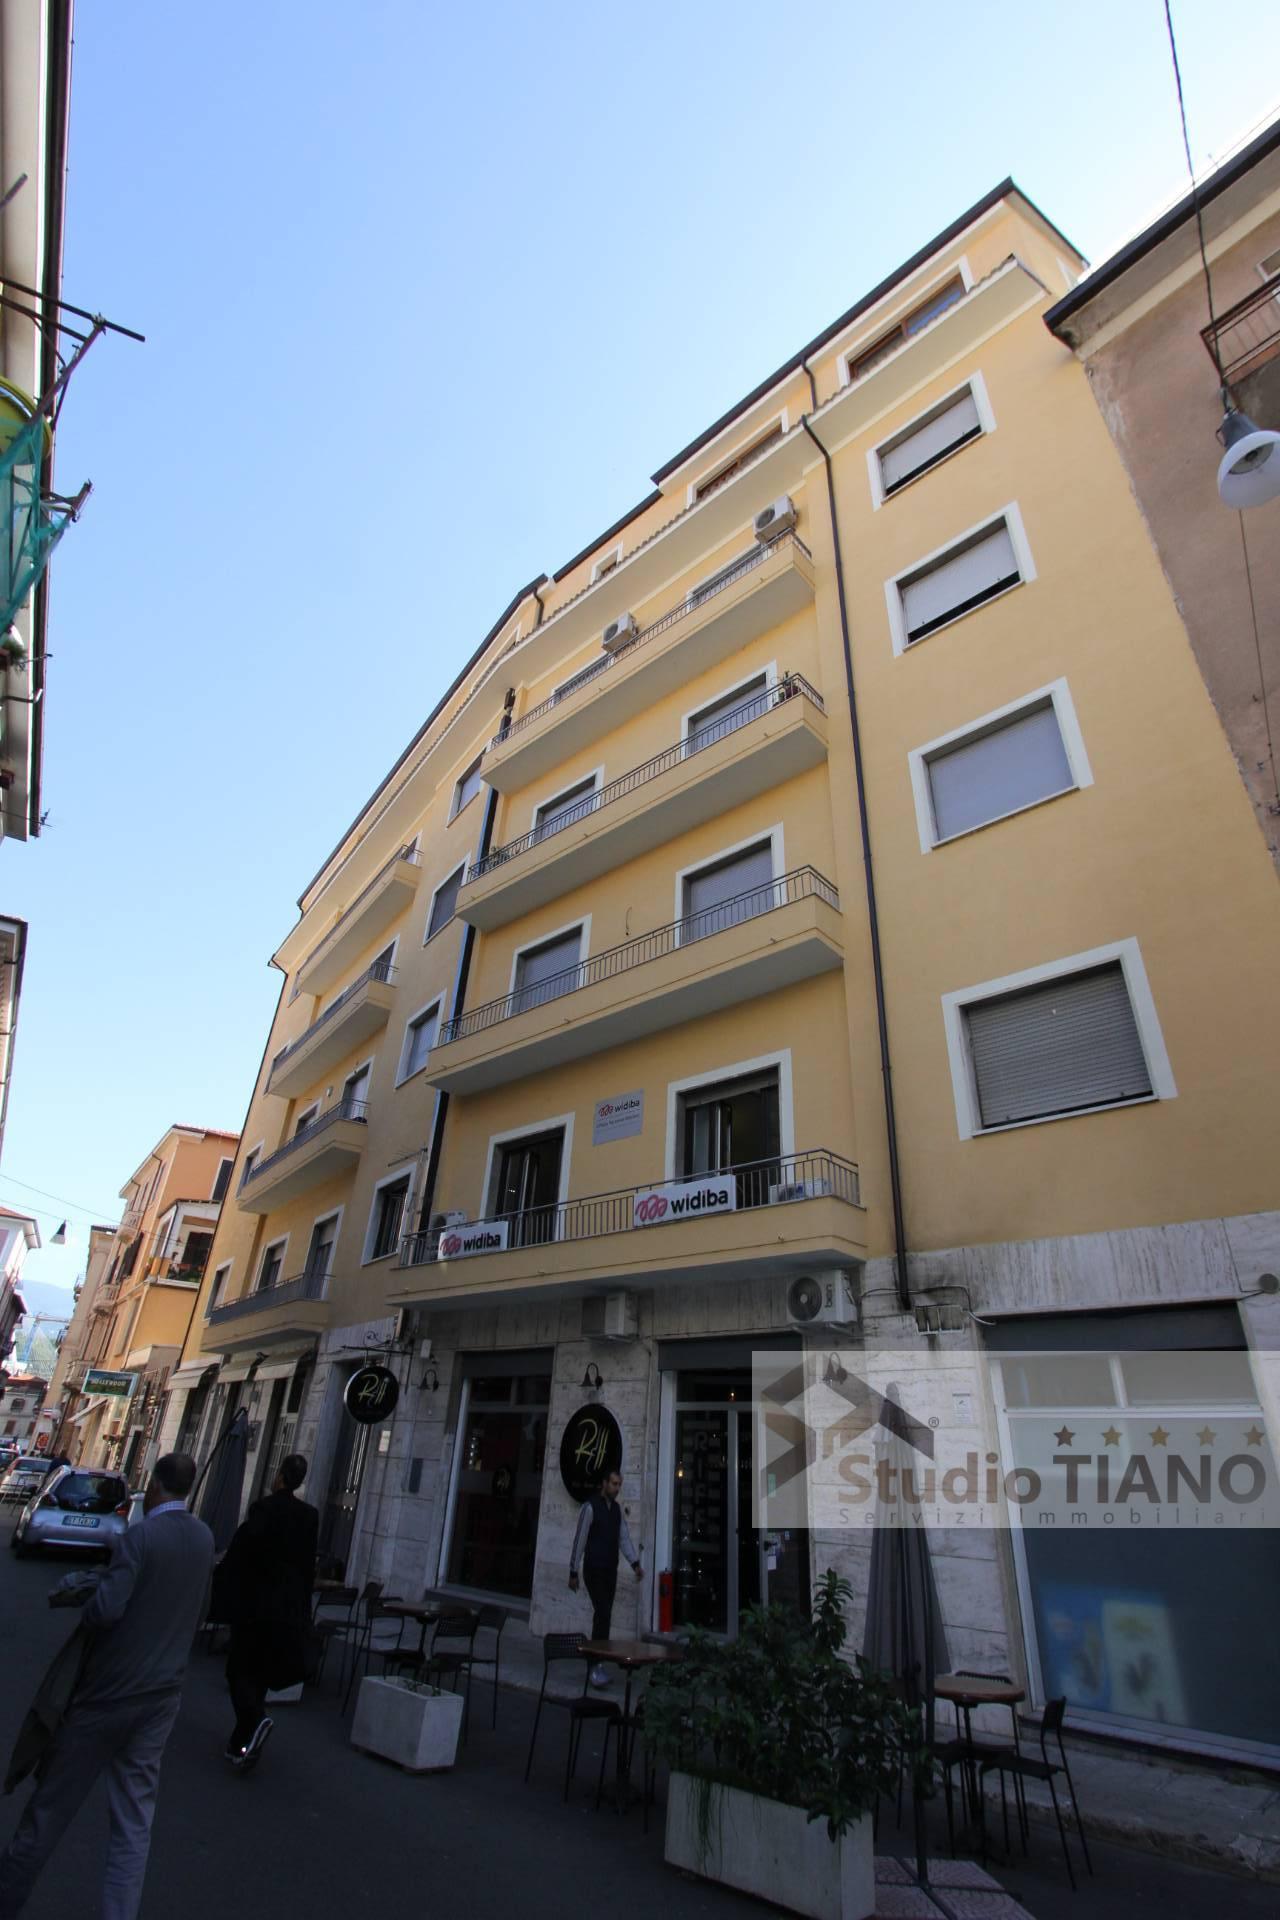 Ufficio / Studio in vendita a Cosenza, 9999 locali, zona Località: Centro, Trattative riservate | PortaleAgenzieImmobiliari.it